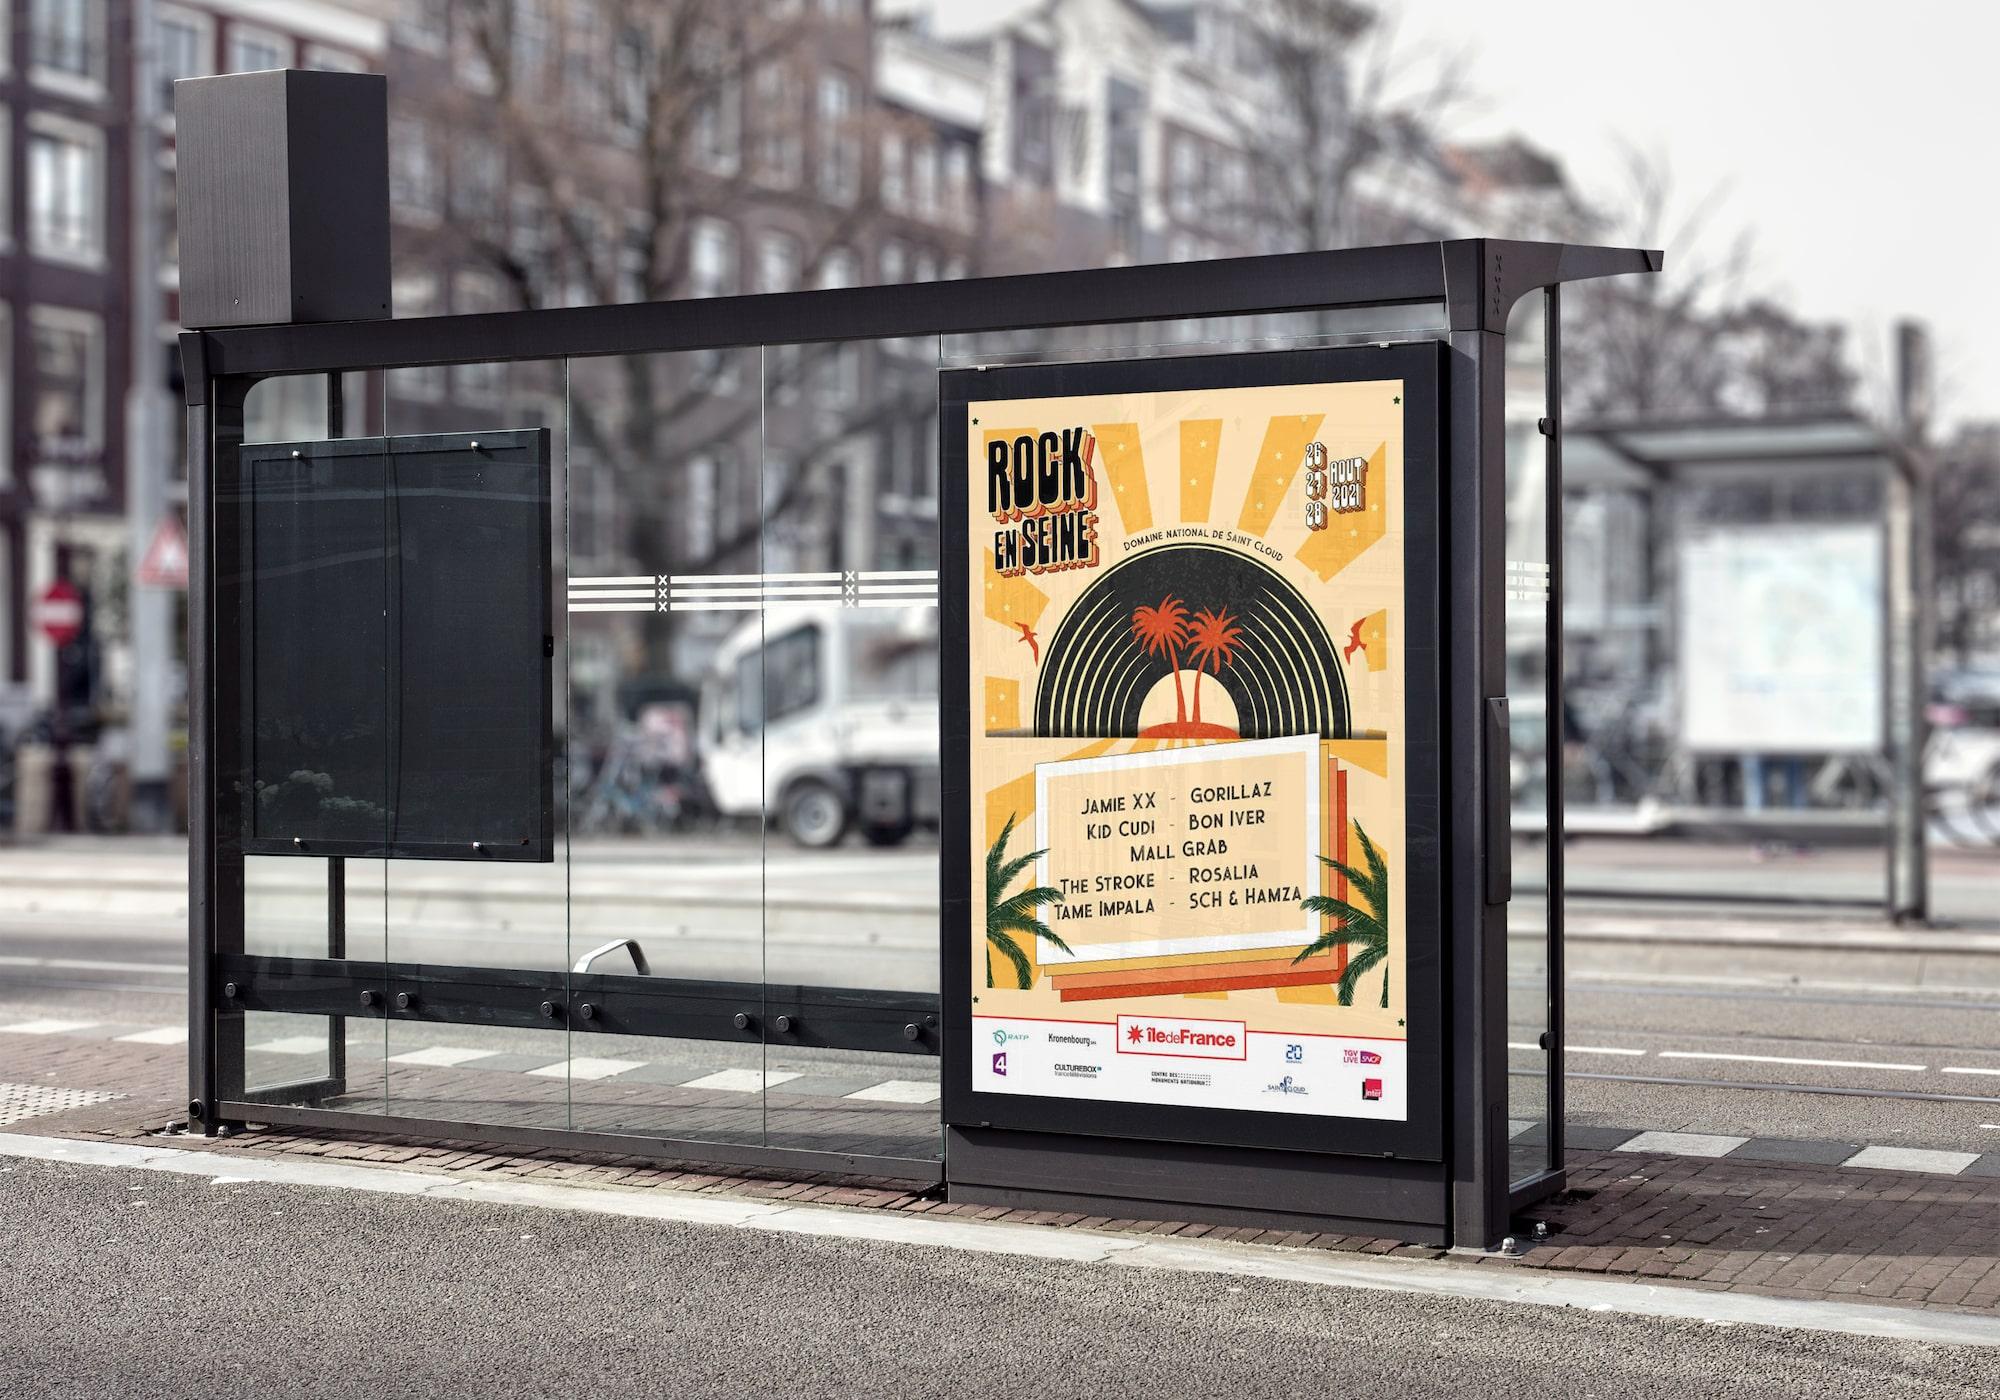 affiche-festival-musique-rock-en-seine-cours-direction-artistique